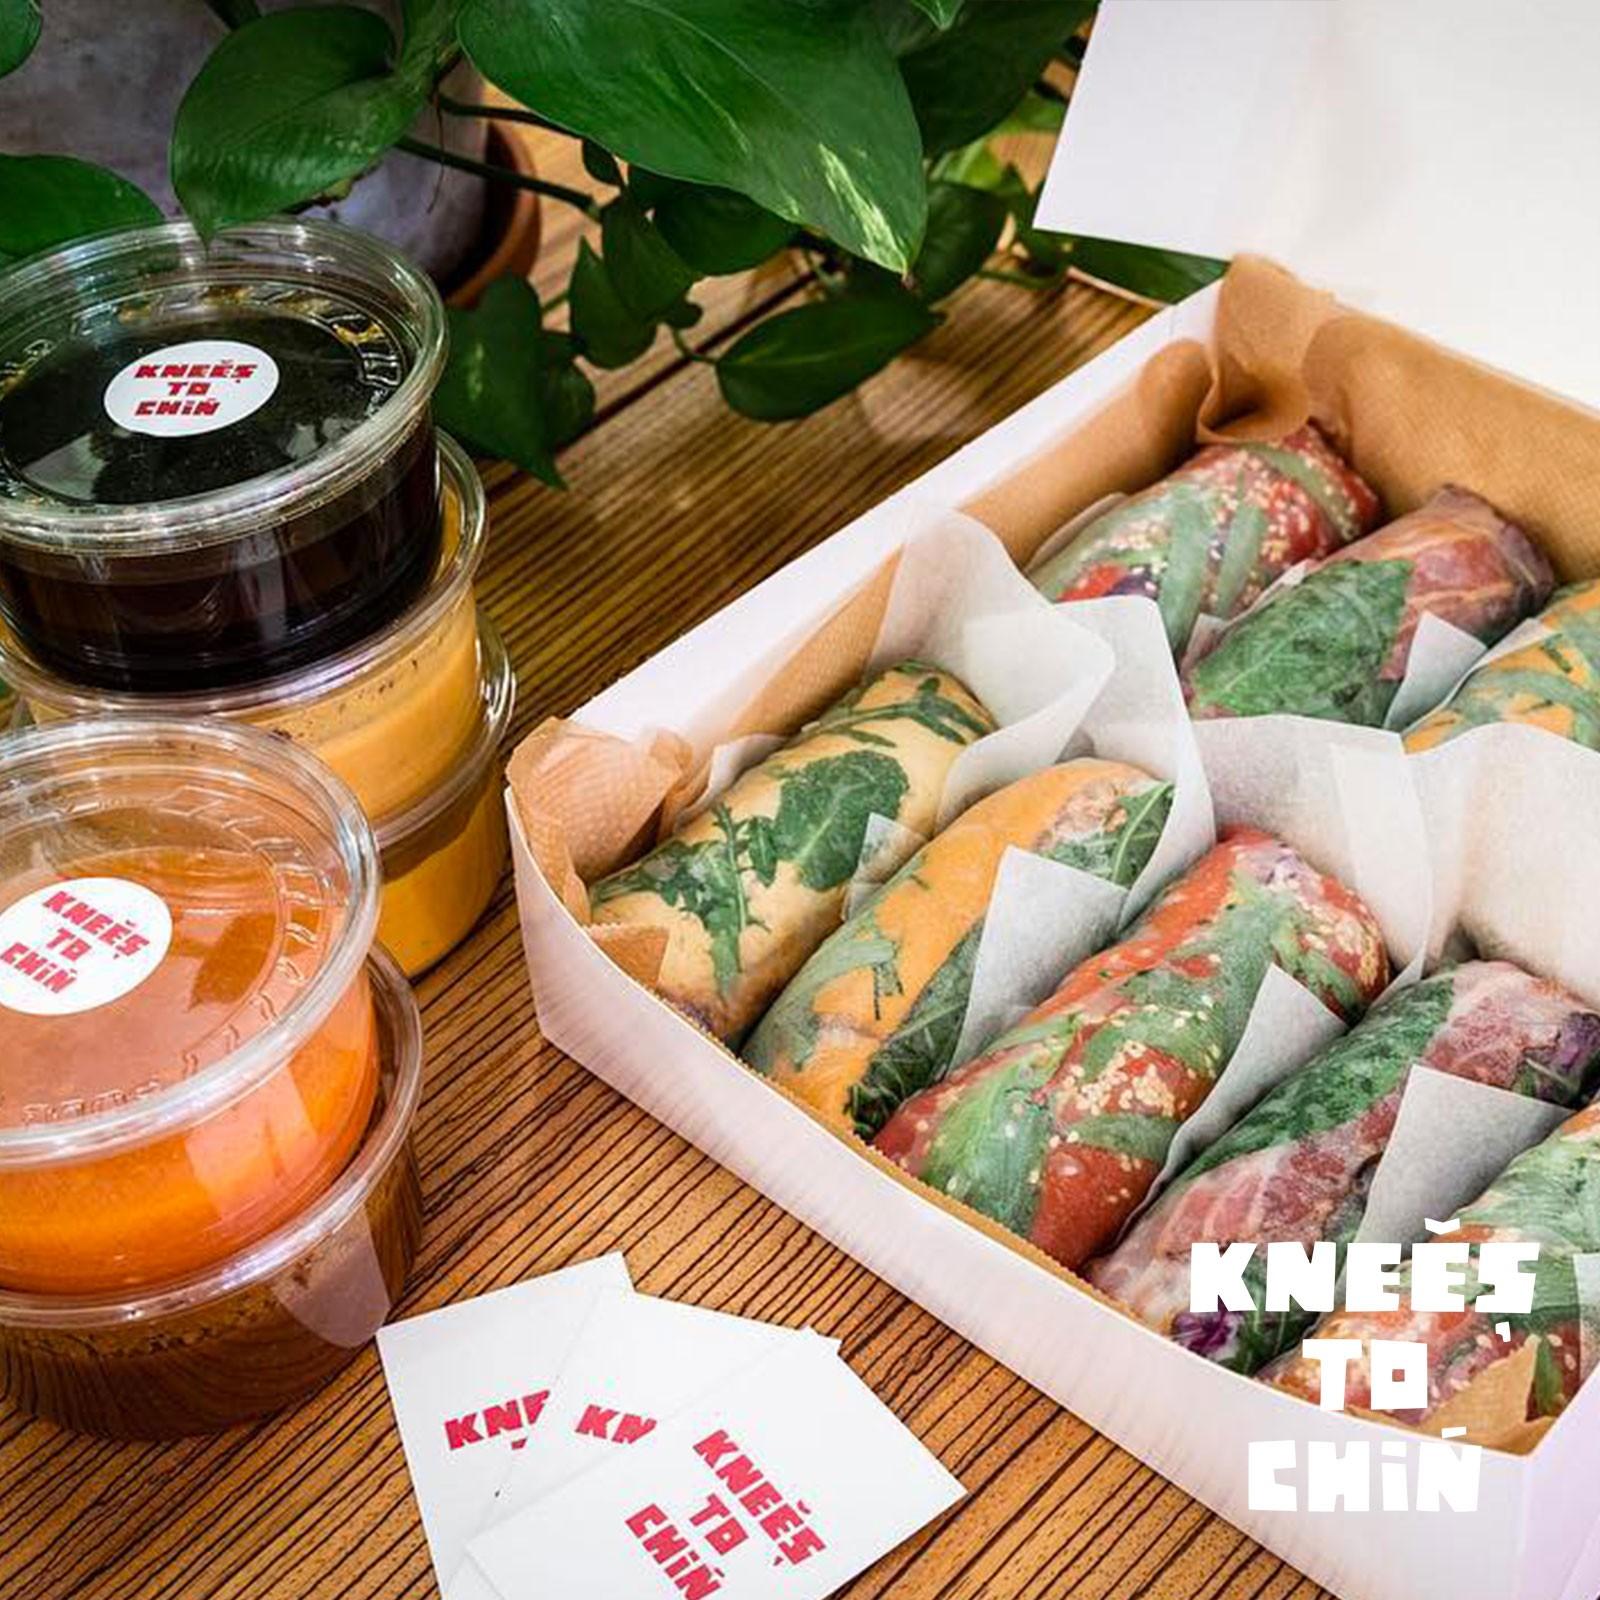 Spring rolls Knees To Chin available to rent / verhuur / location at 50.8 Studio • Belgïe, Belgique, Belgium, Catering, Huur, Location, Louer, Only in, Photo, Rent, Studio, Verhuur, Video